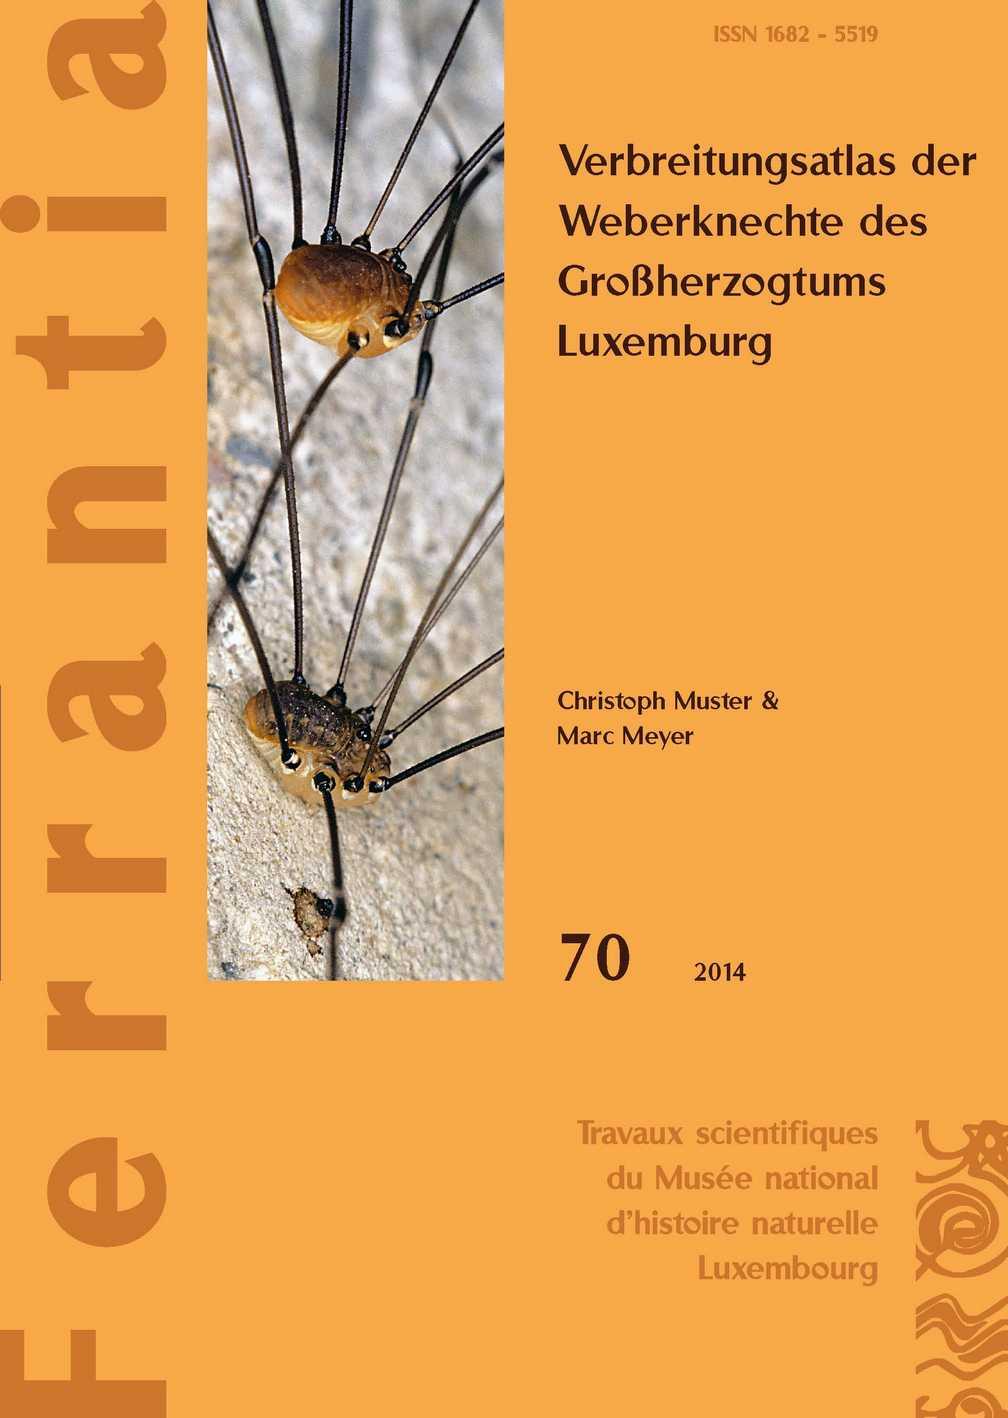 Ferranta 70 cover page